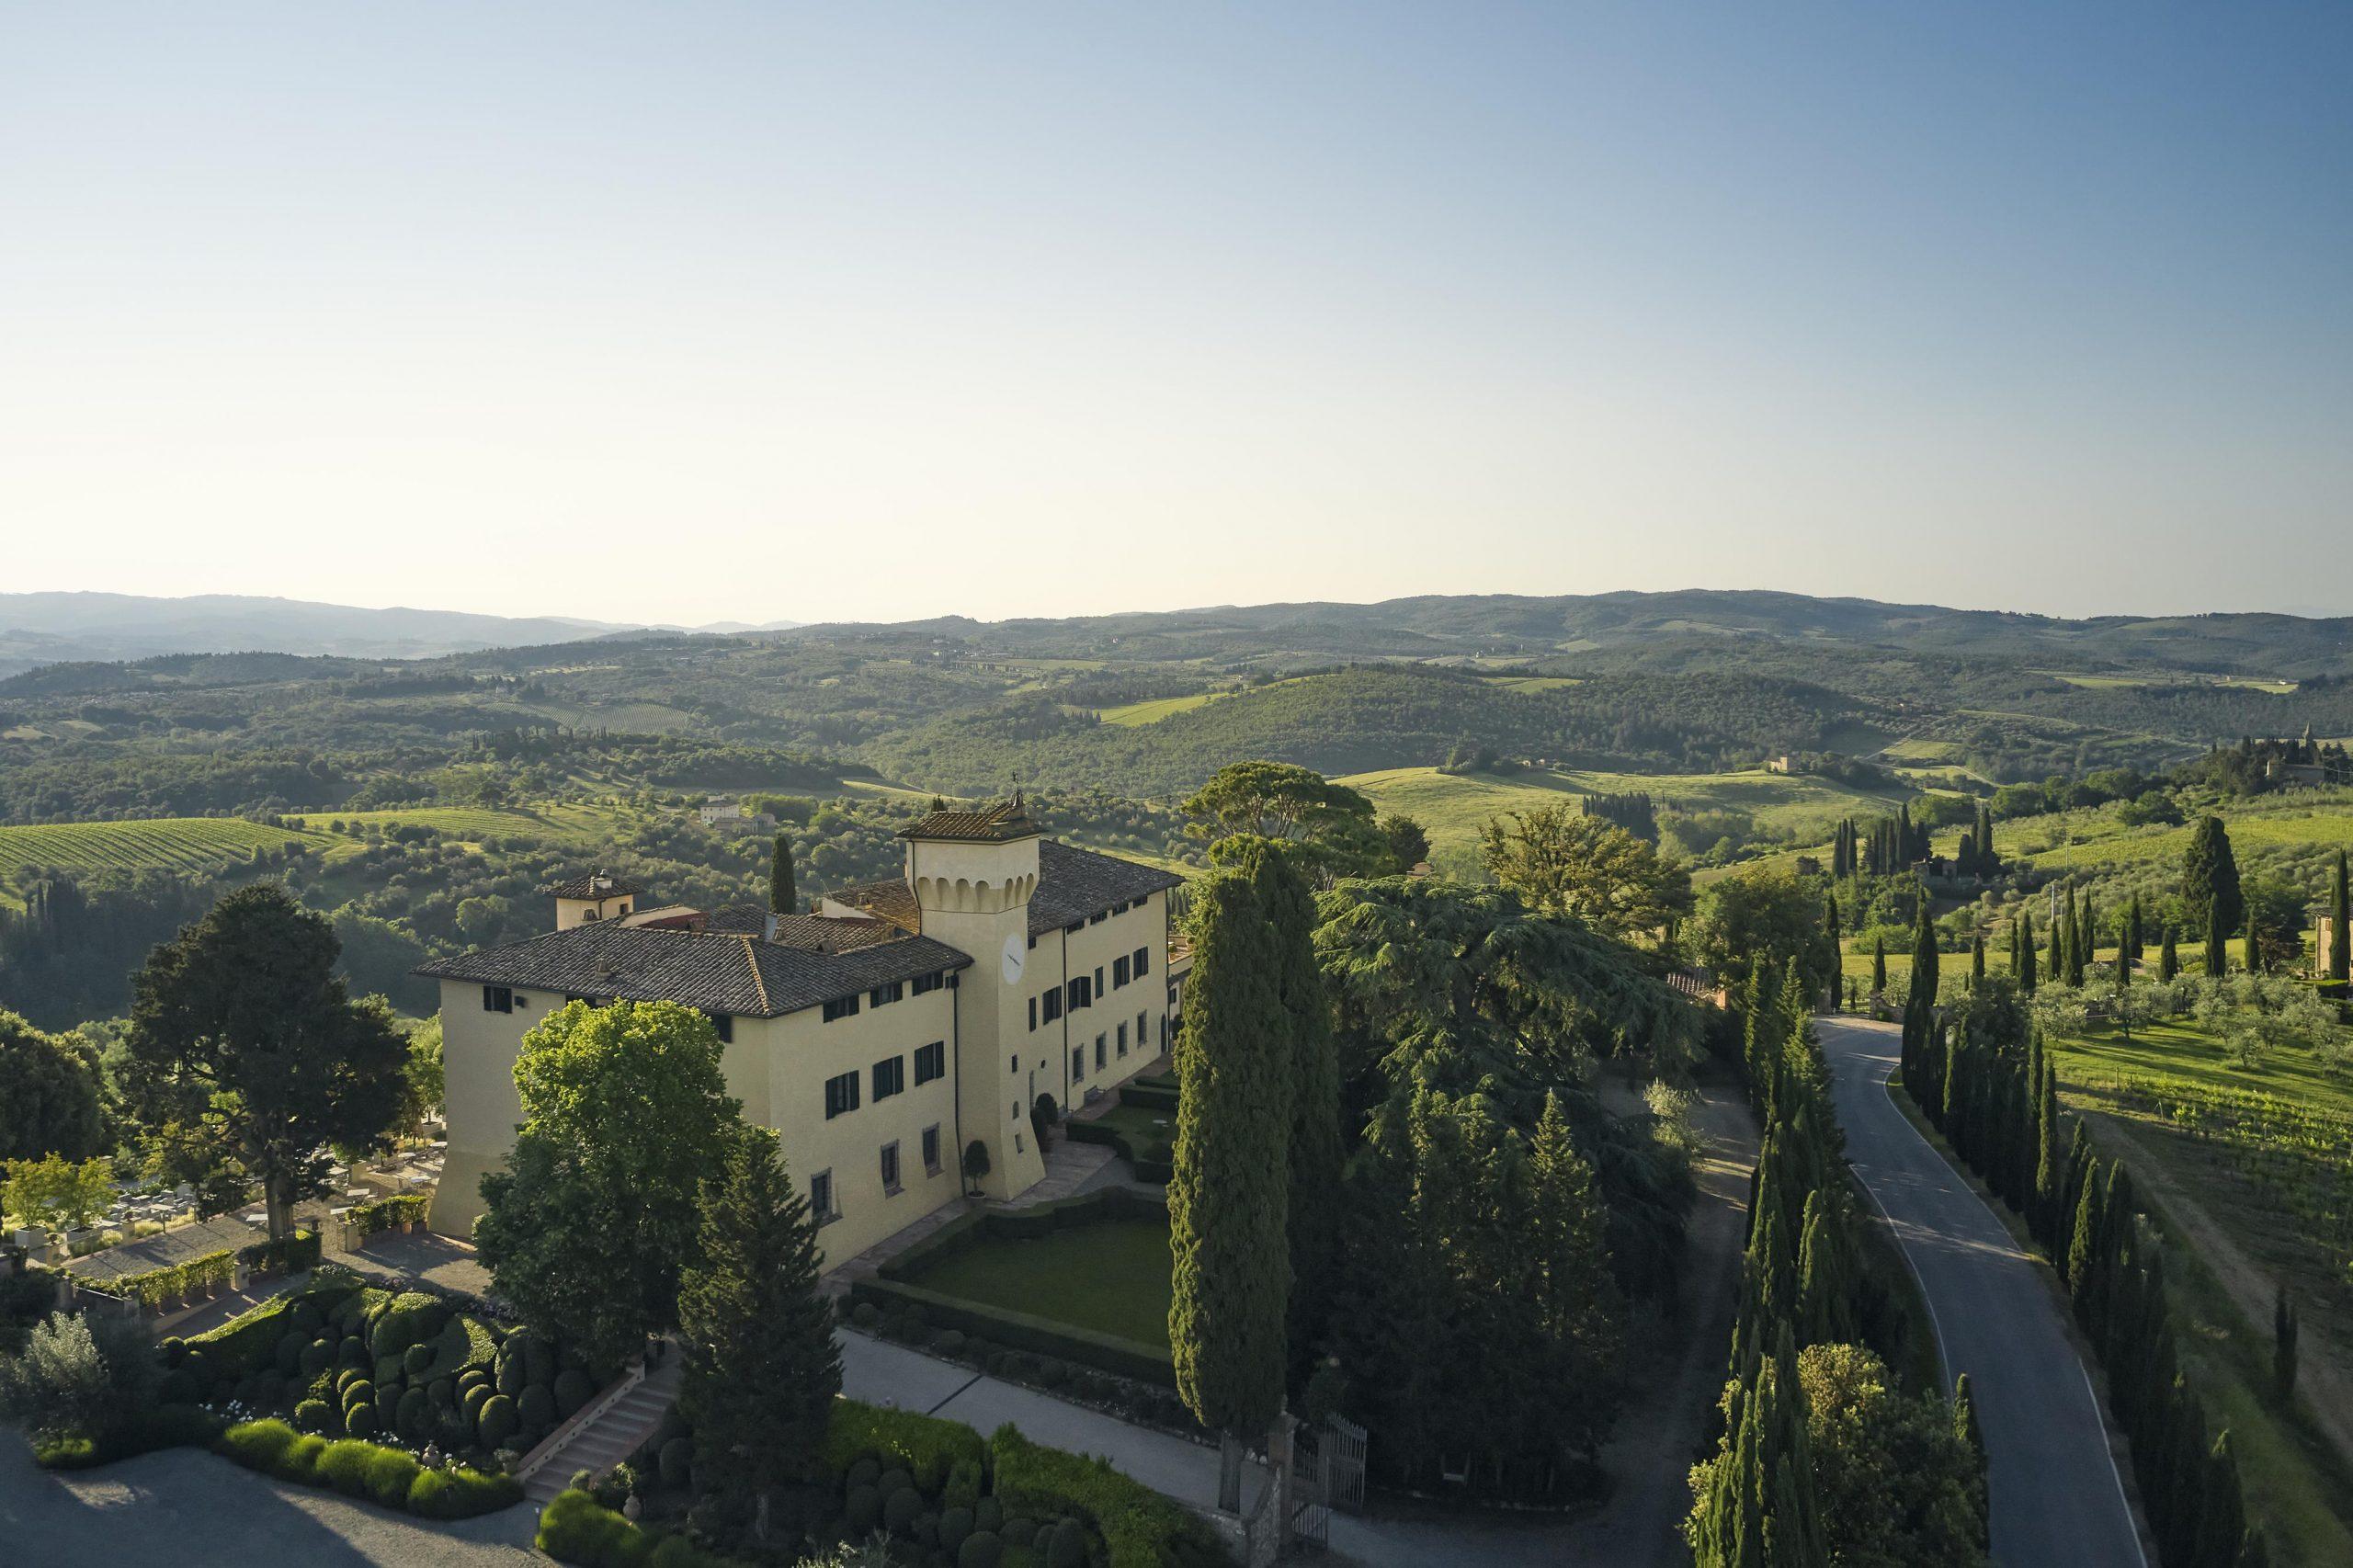 COMO Castello Del Nero_Castle & Landscape_Castle in Heart of Tuscan Landscape (Morning)